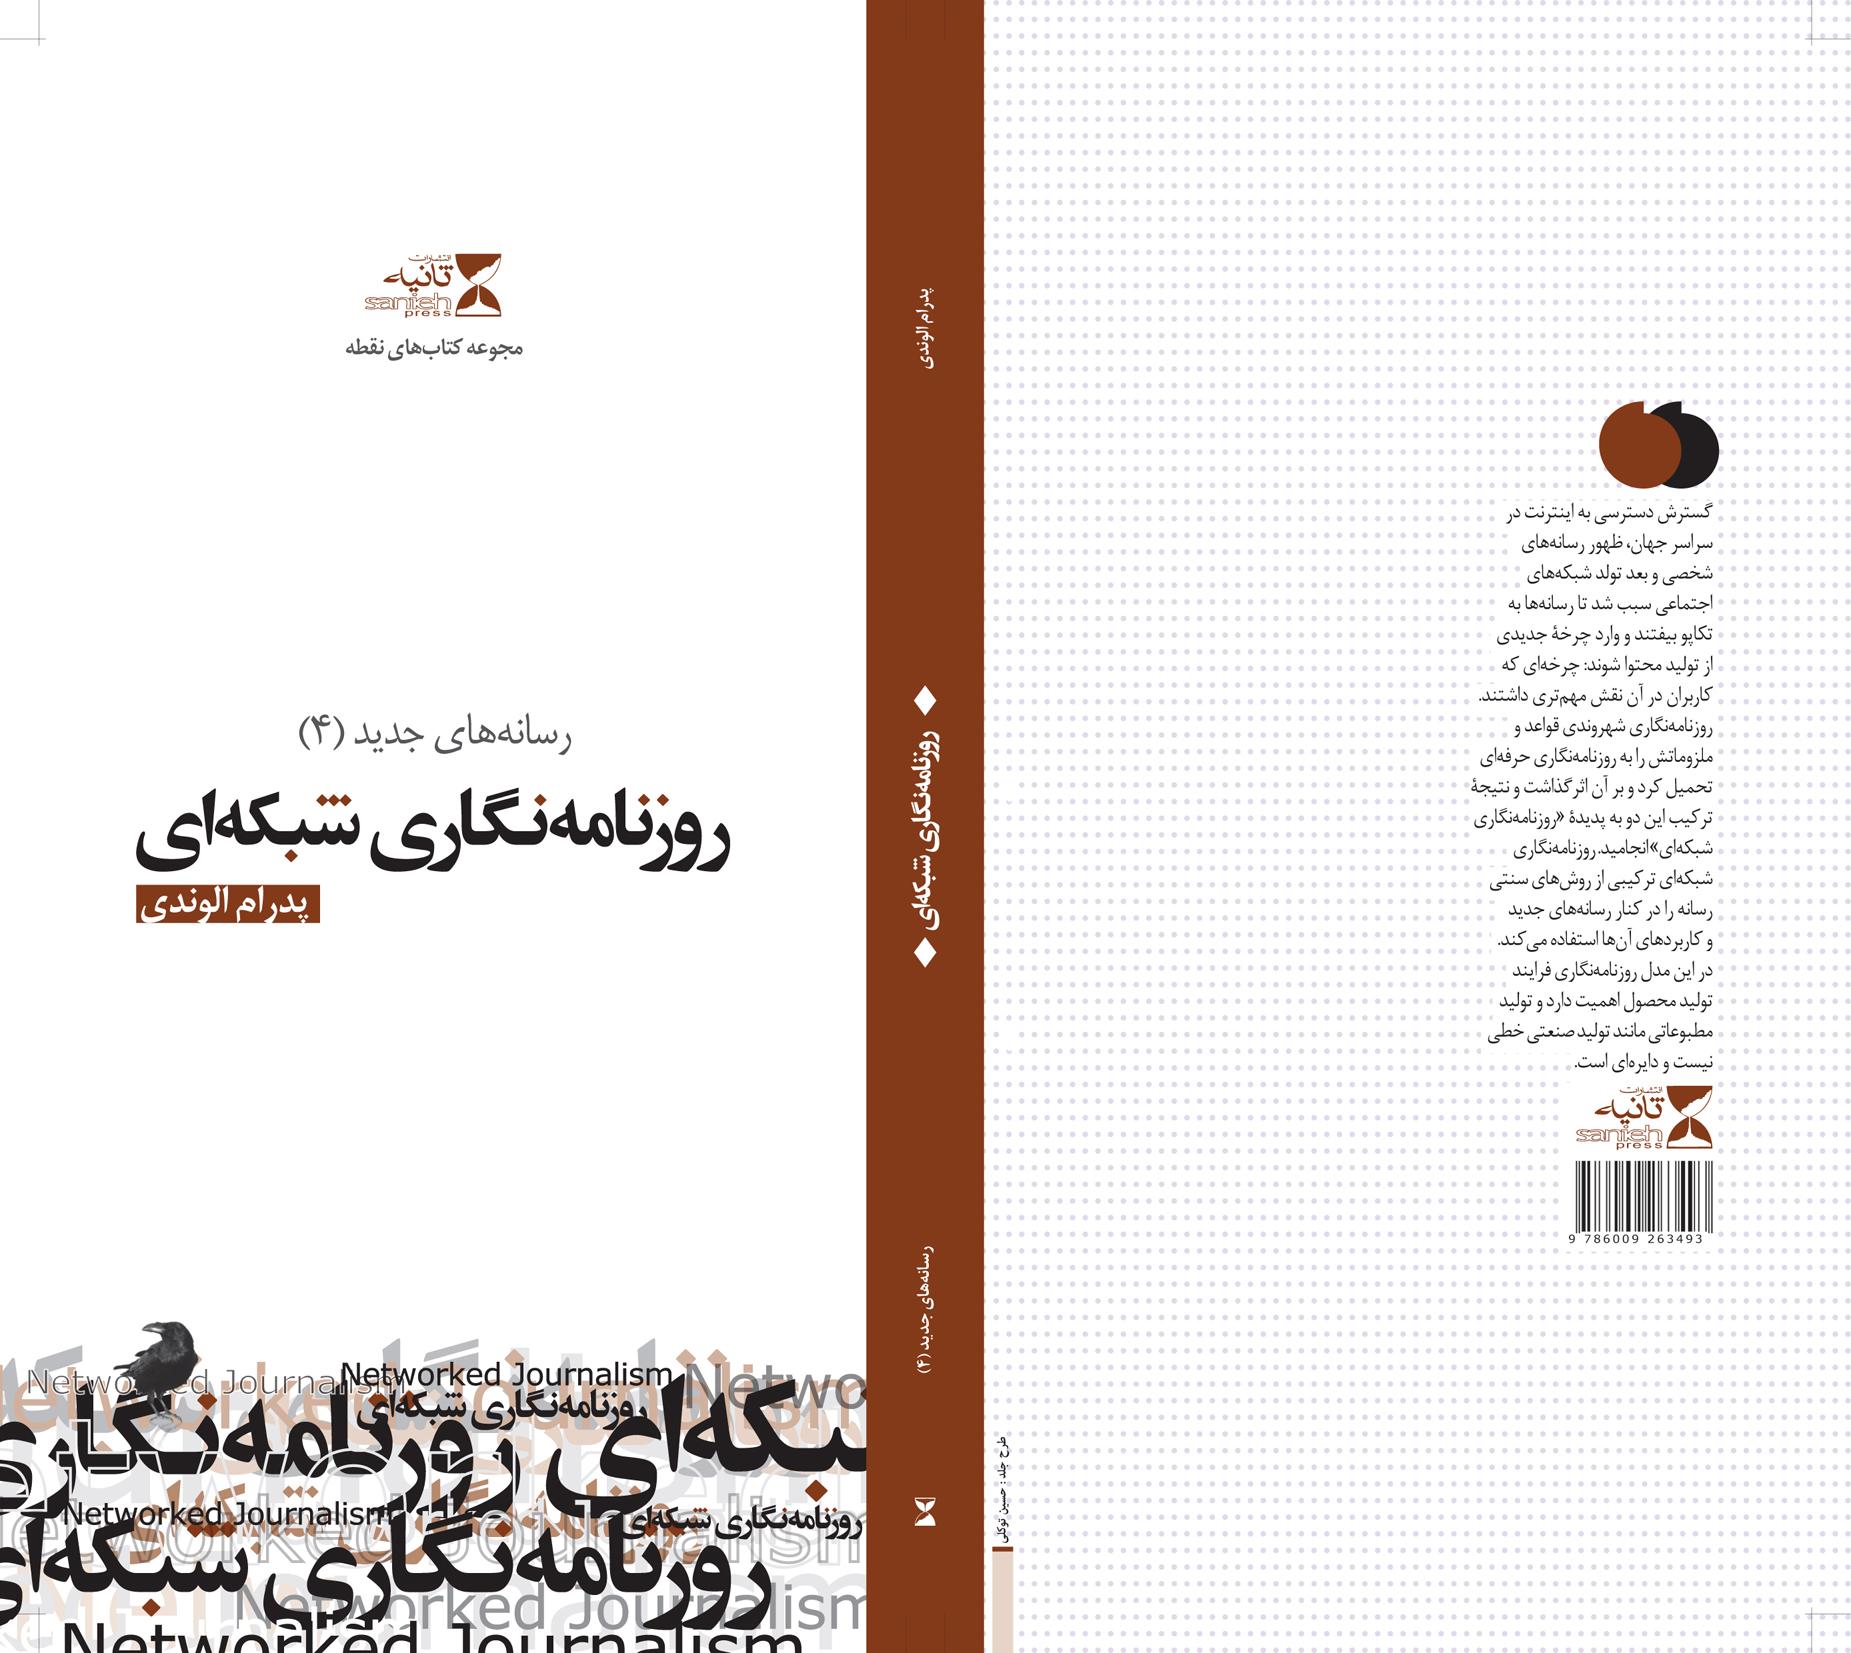 معرفی کتاب؛ روزنامهنگاری شبکهای